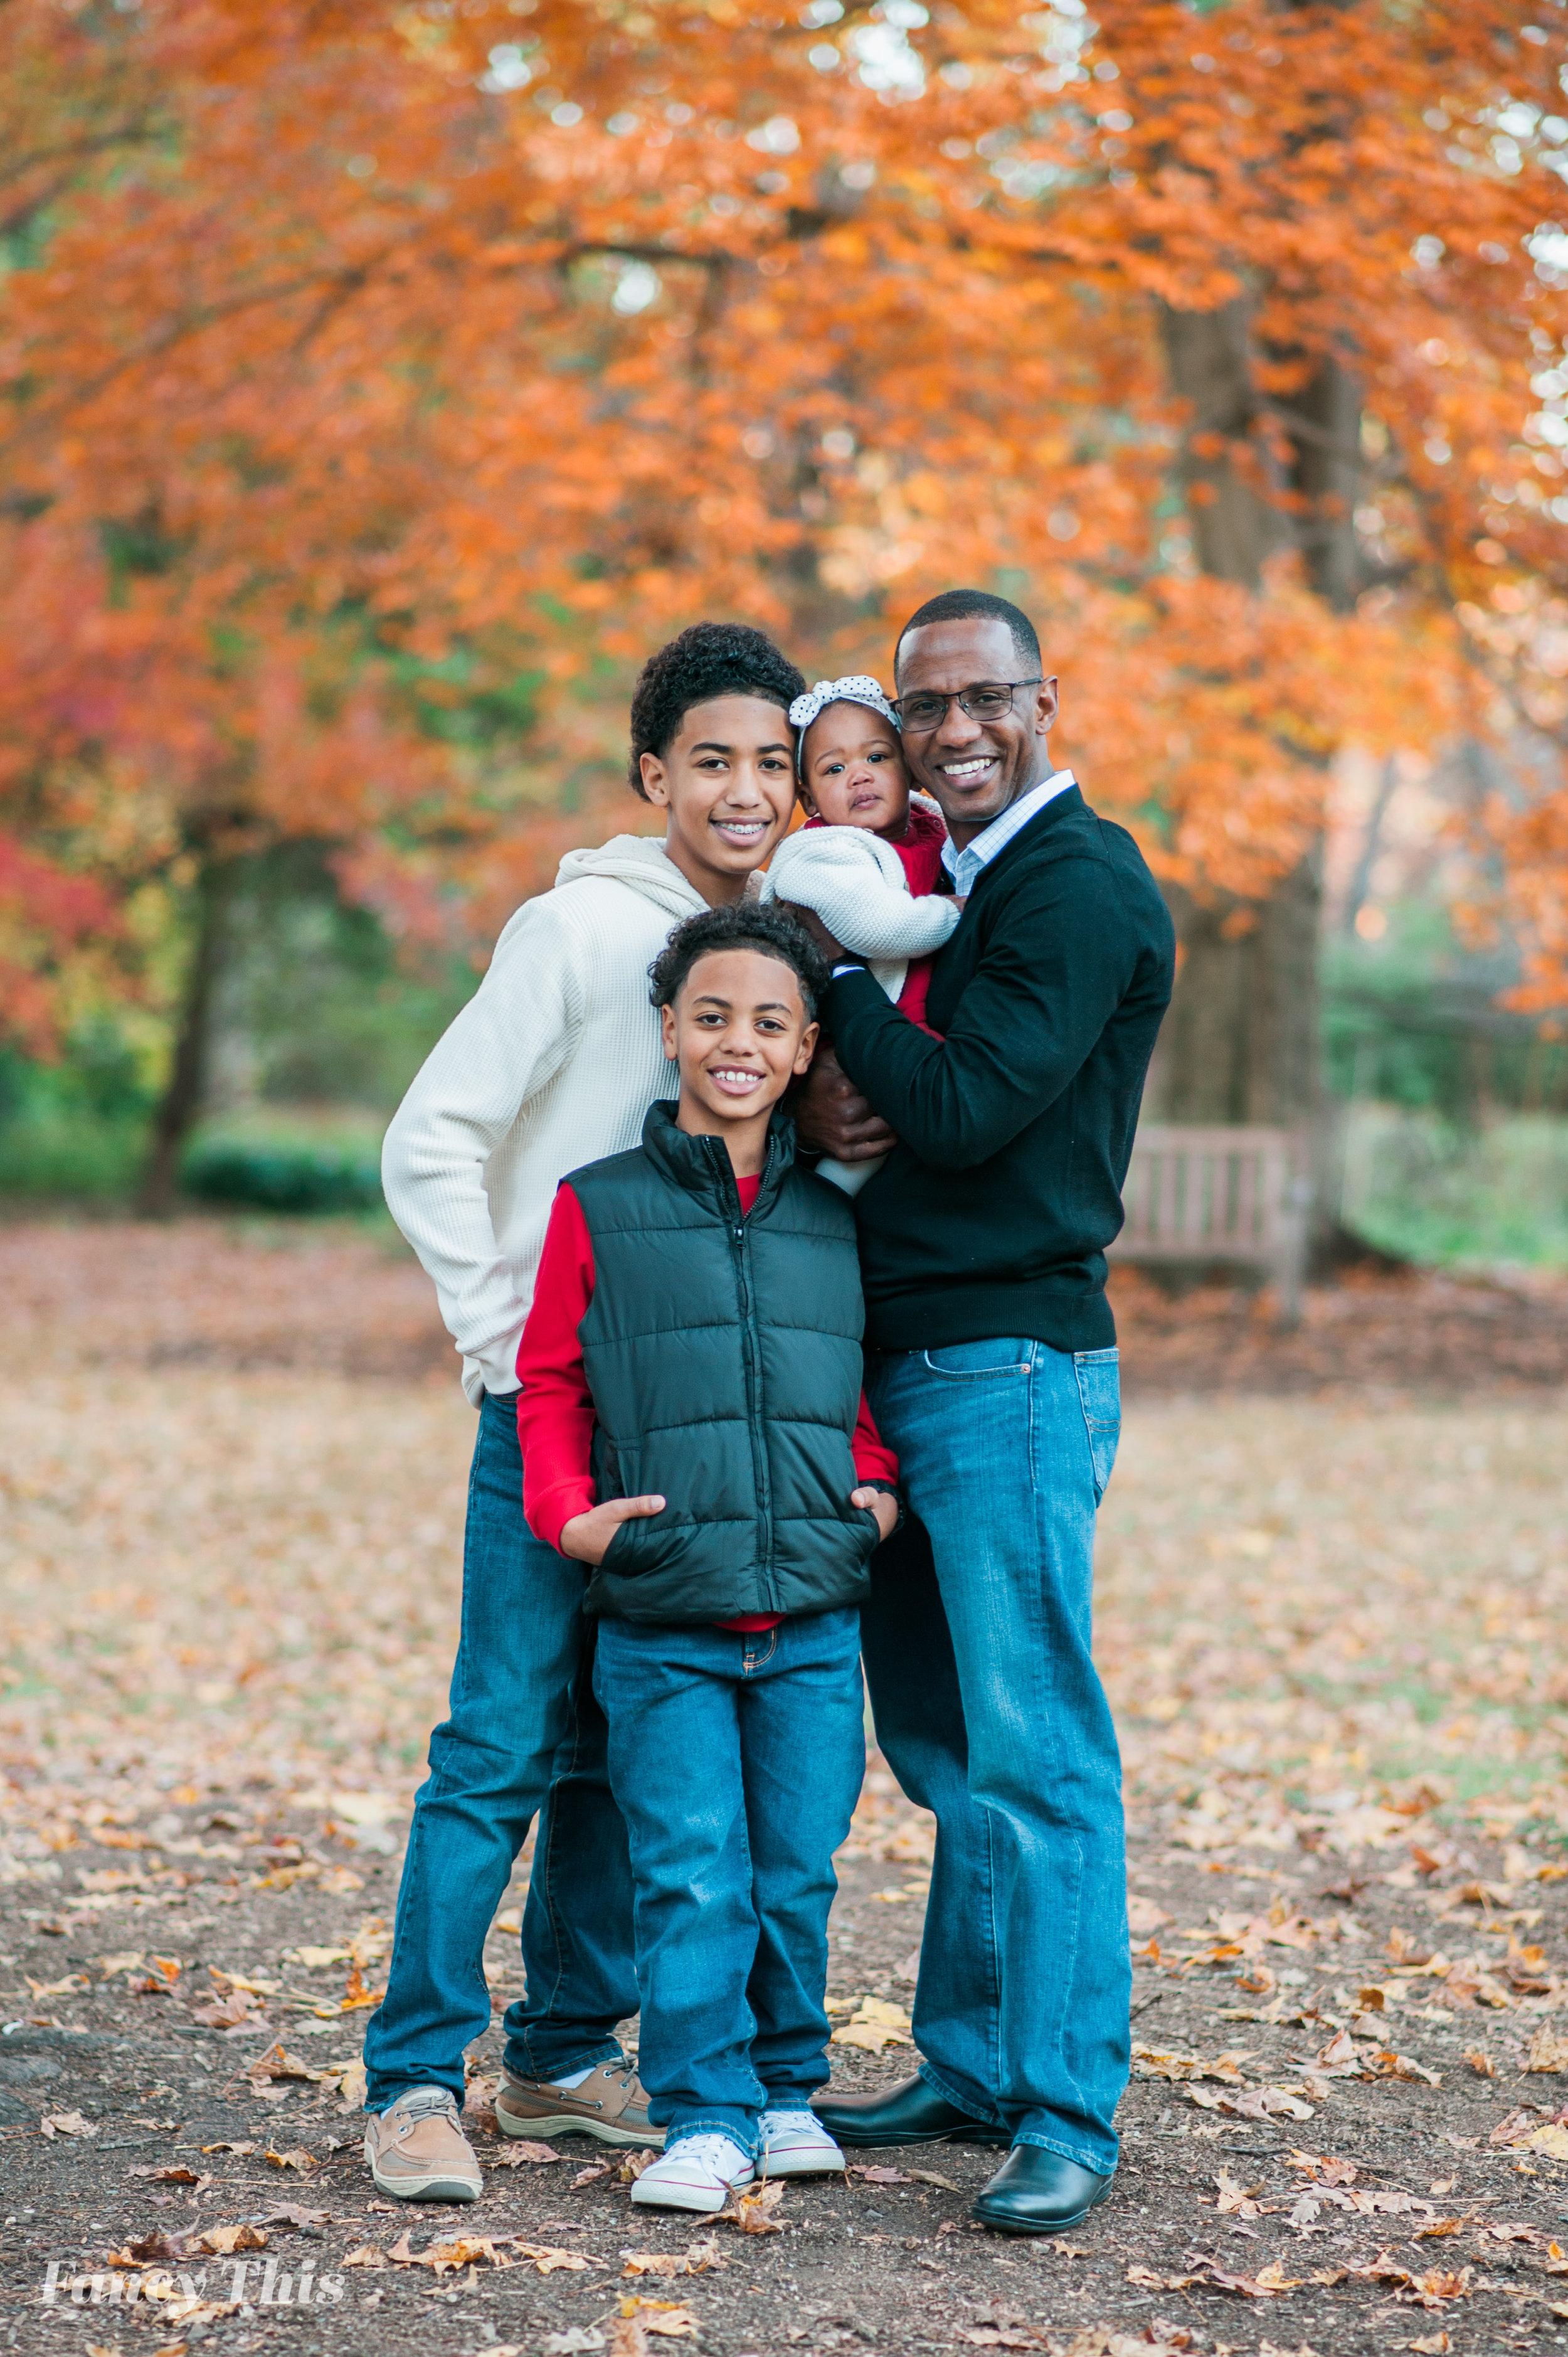 brownfamily_socialmediaready-14.jpg